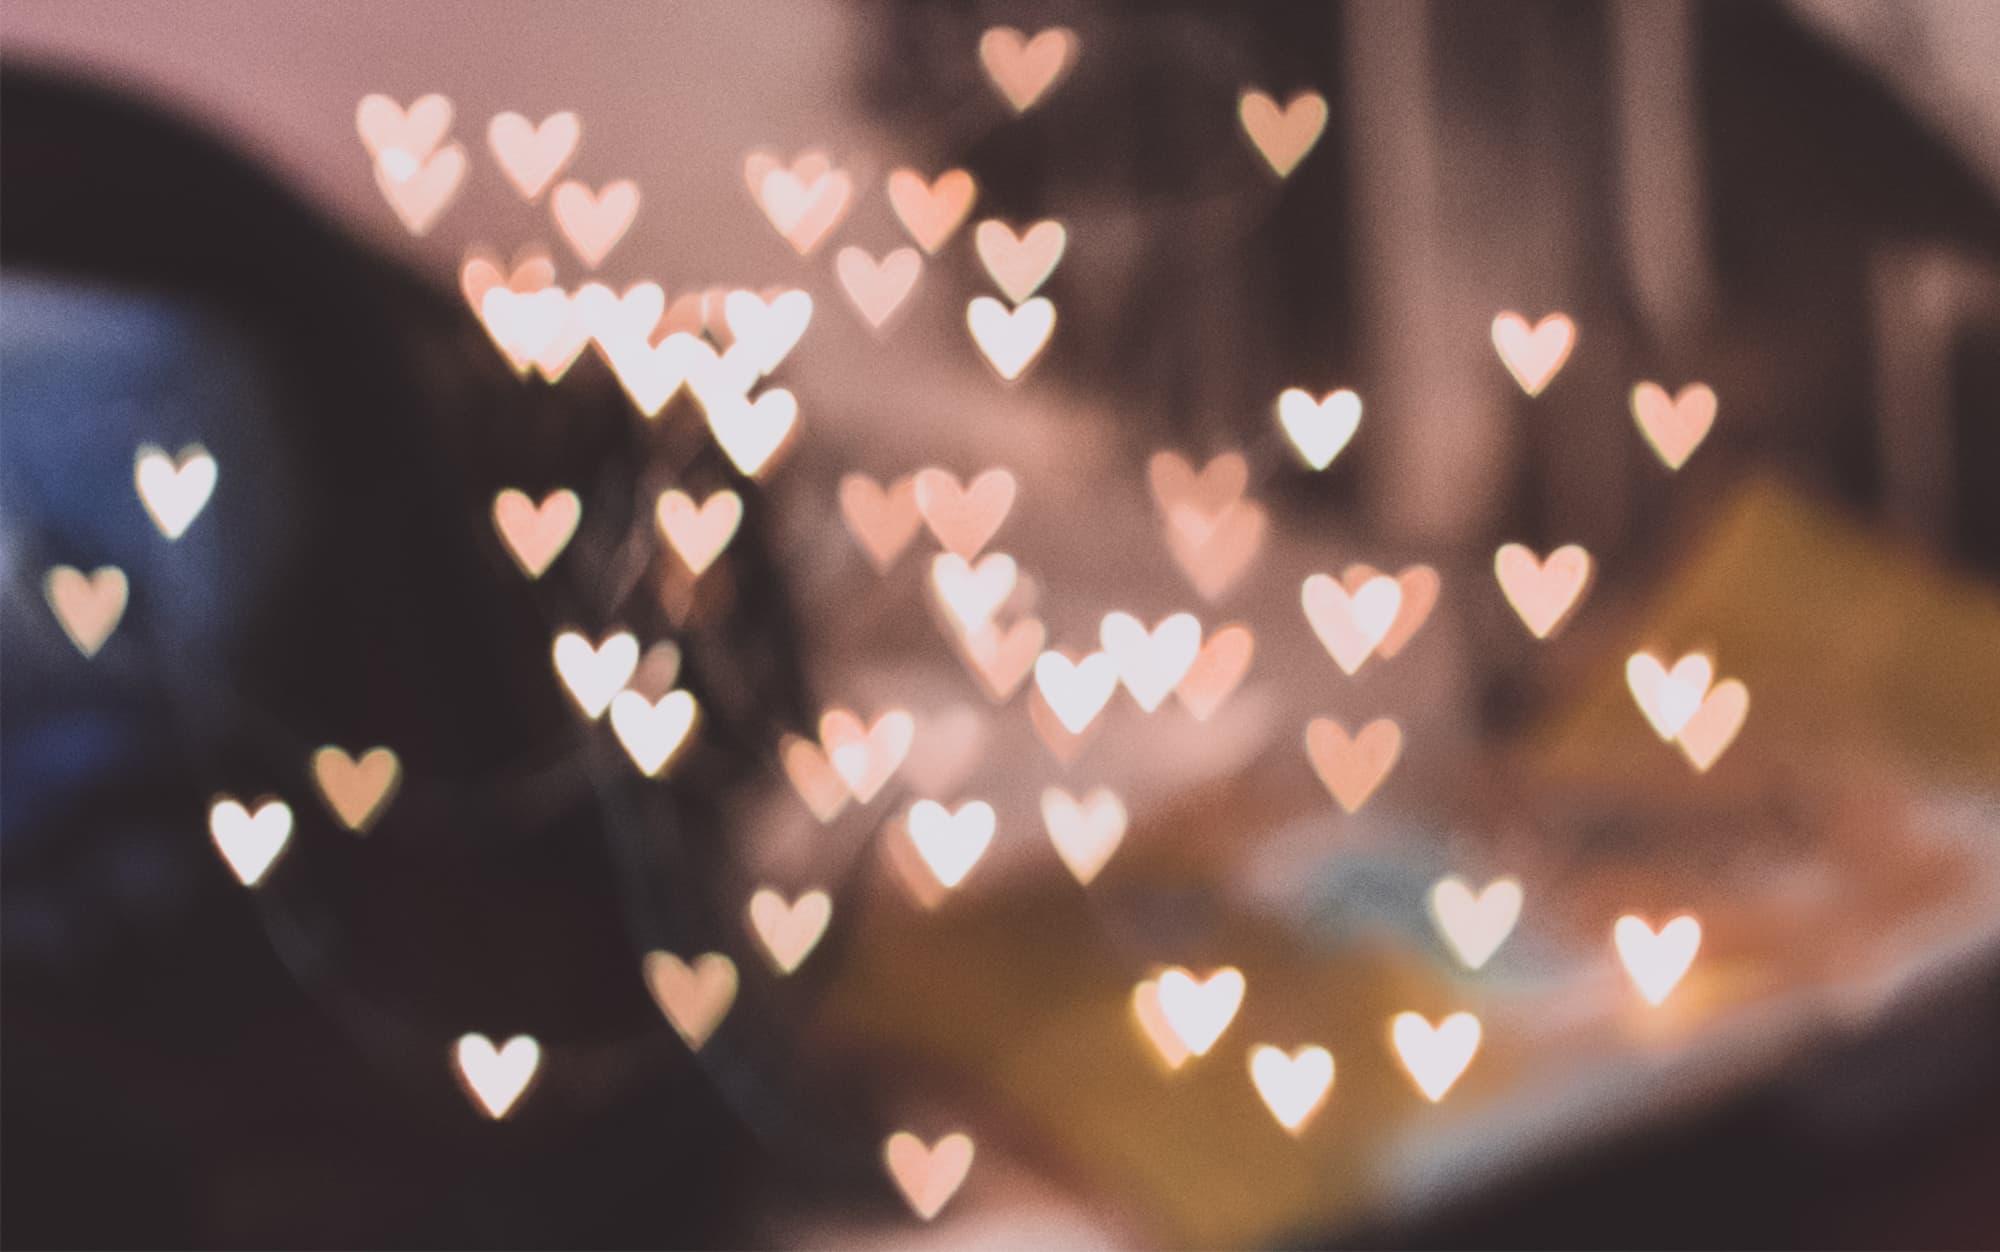 Najromantičniji dan u godini: kako je prema legendi nastalo Valentinovo i kako se slavi u svijetu